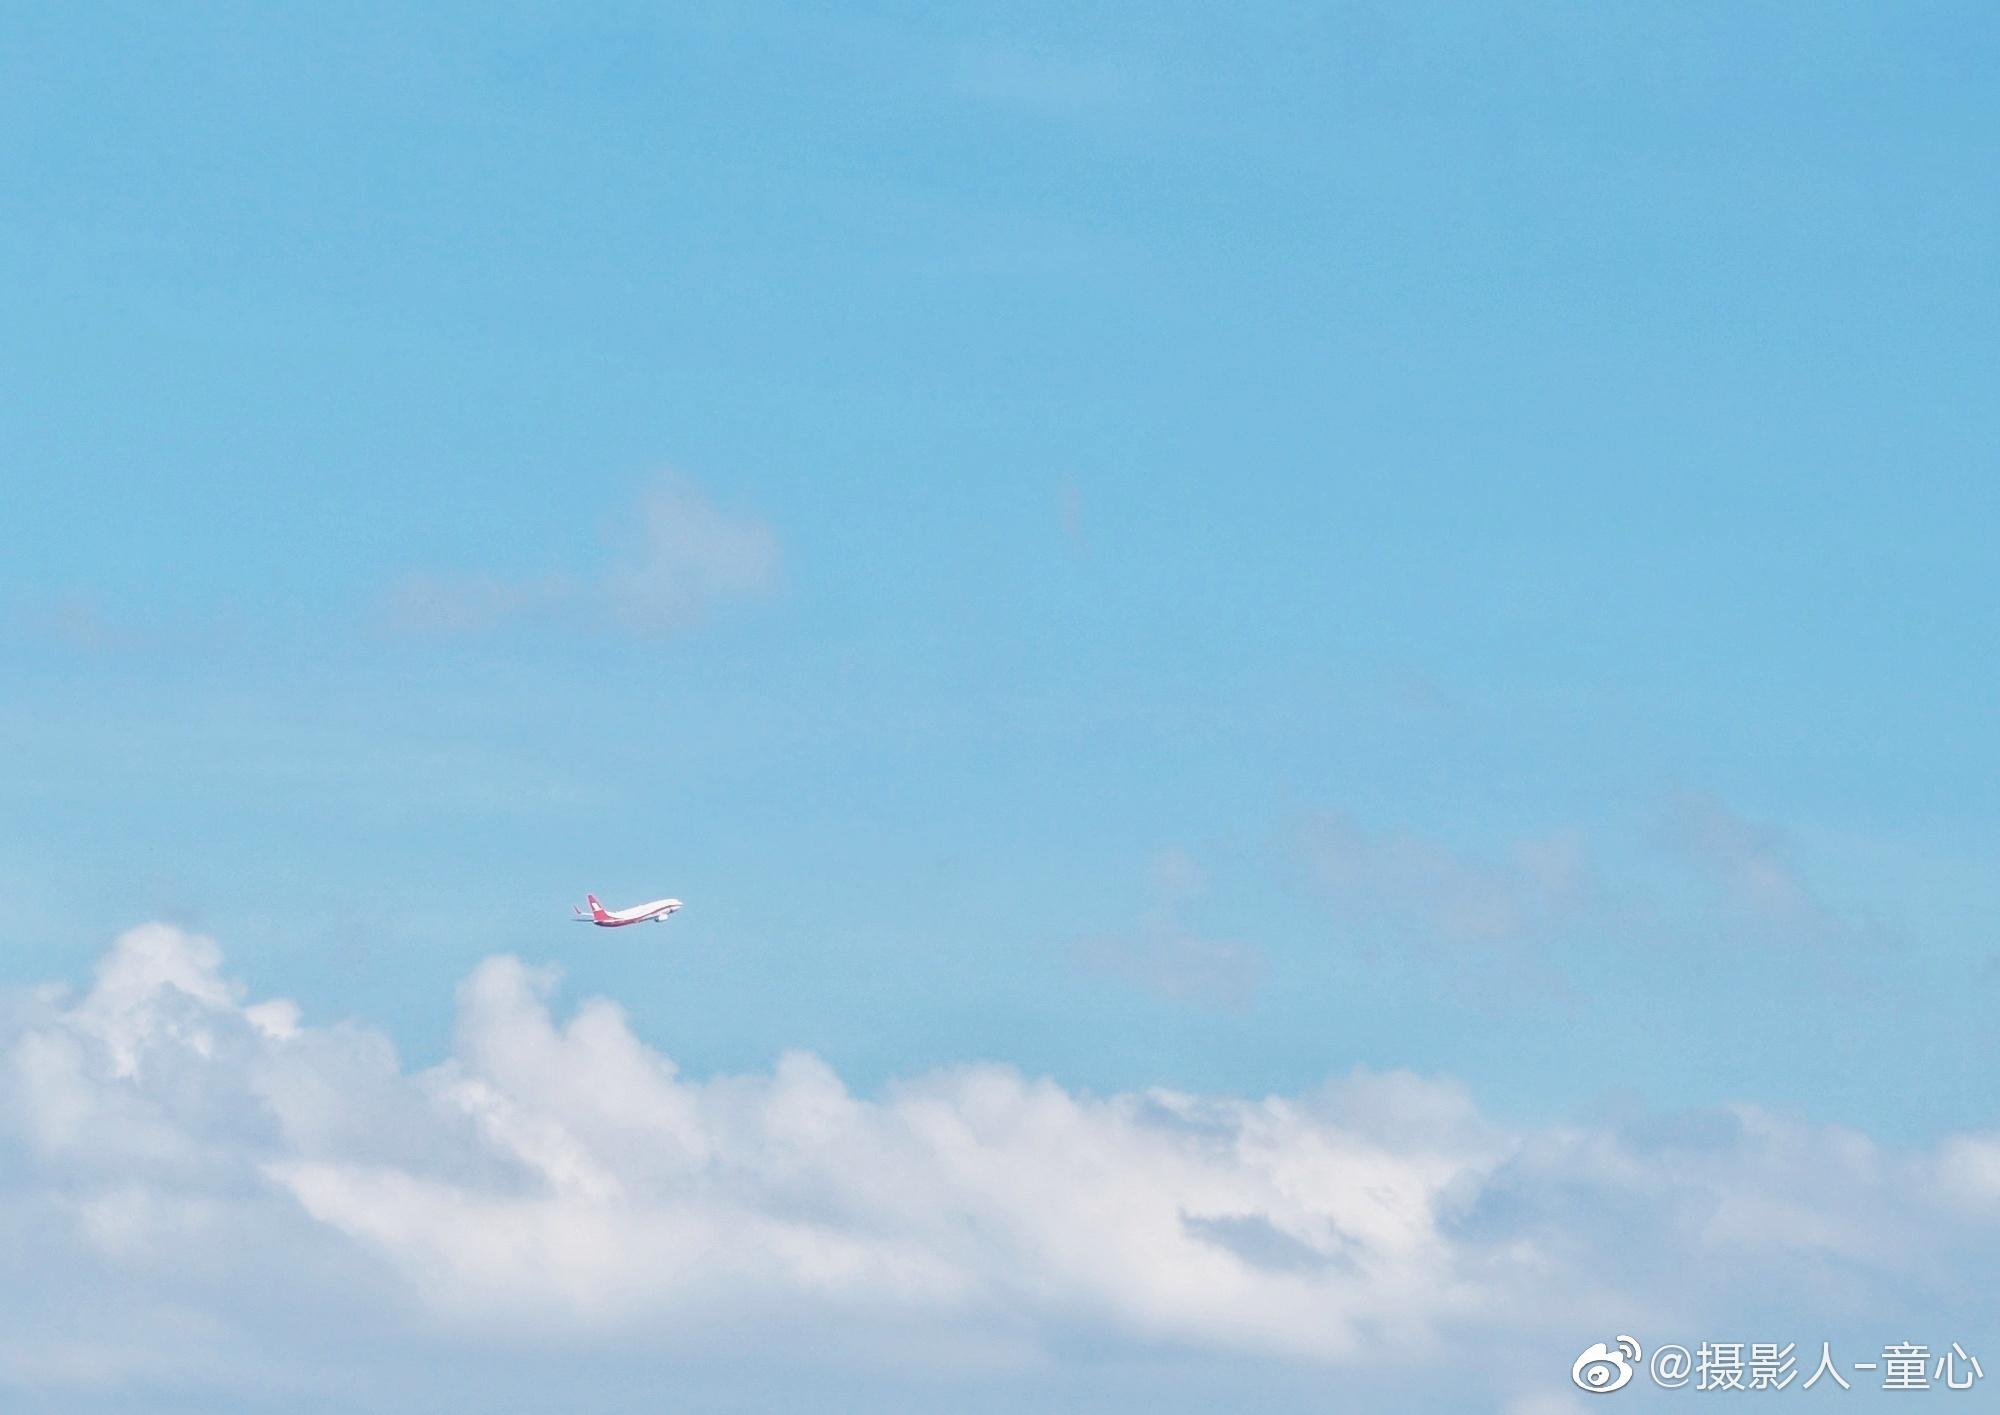 起飞@摄影人-童心 飞机飞过车水马龙的城市千里之外 不离开